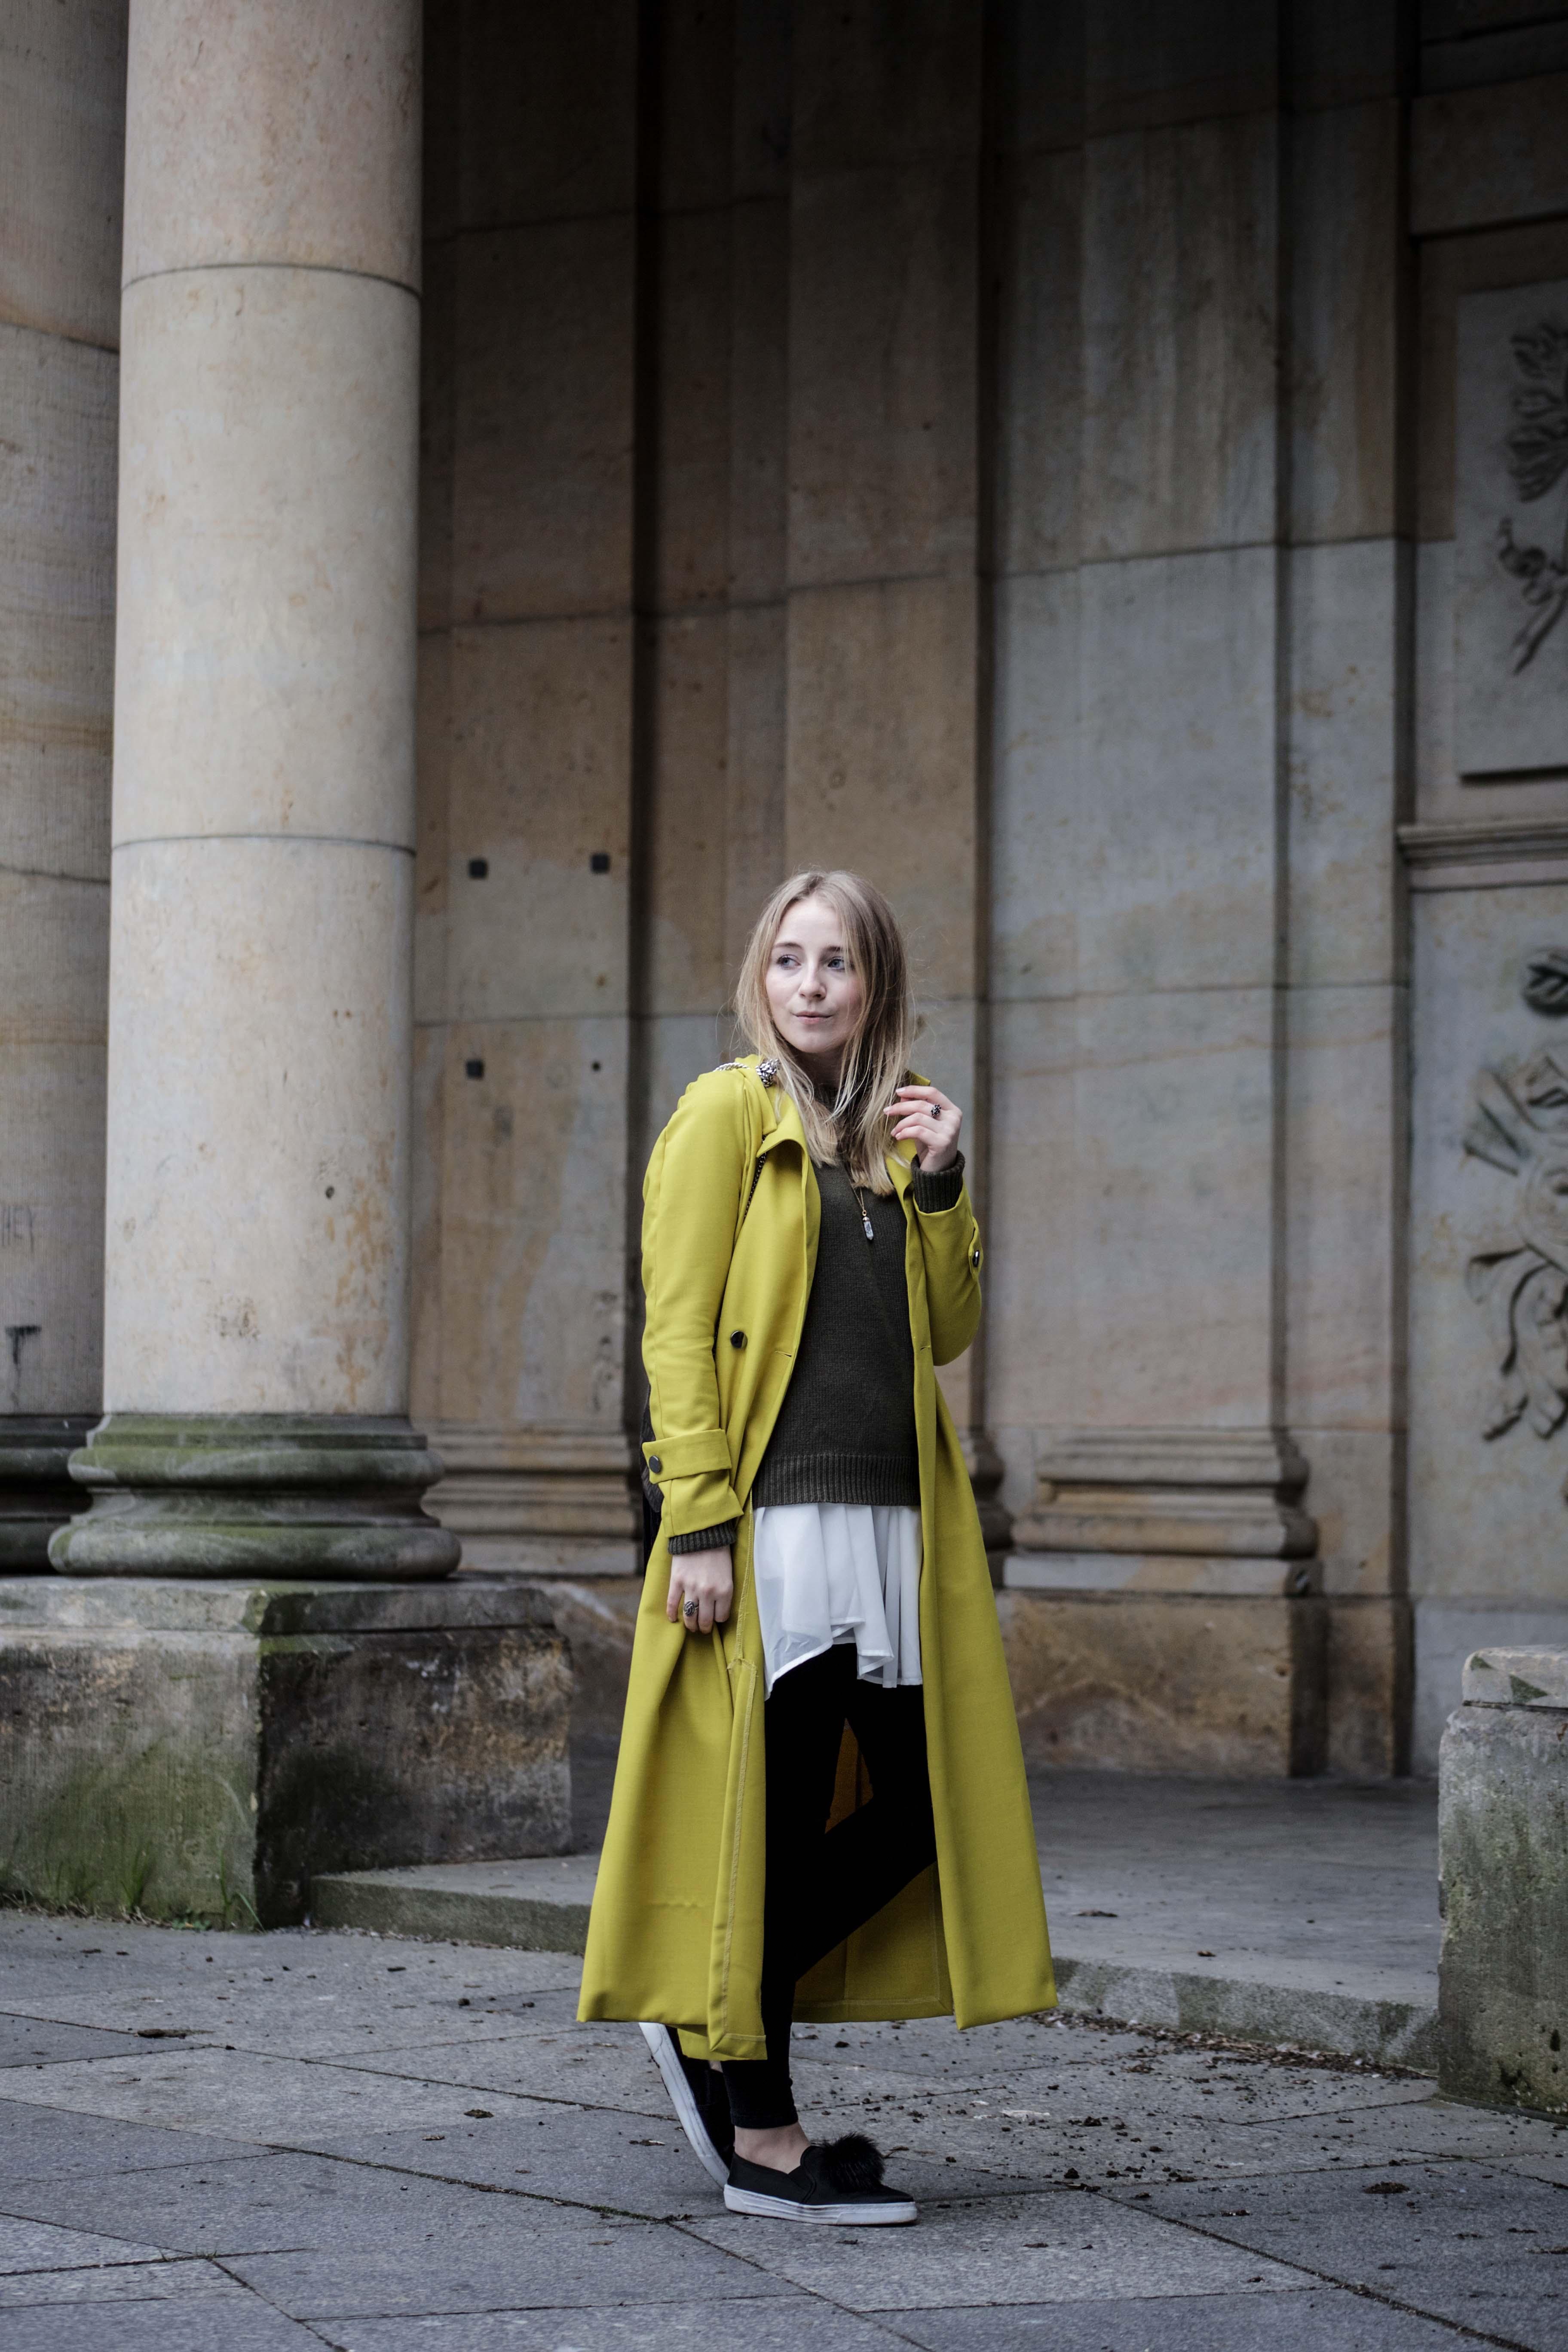 gelber-trenchcoat-frühling-outfit-sommer-fashionblog-modeblog_6351